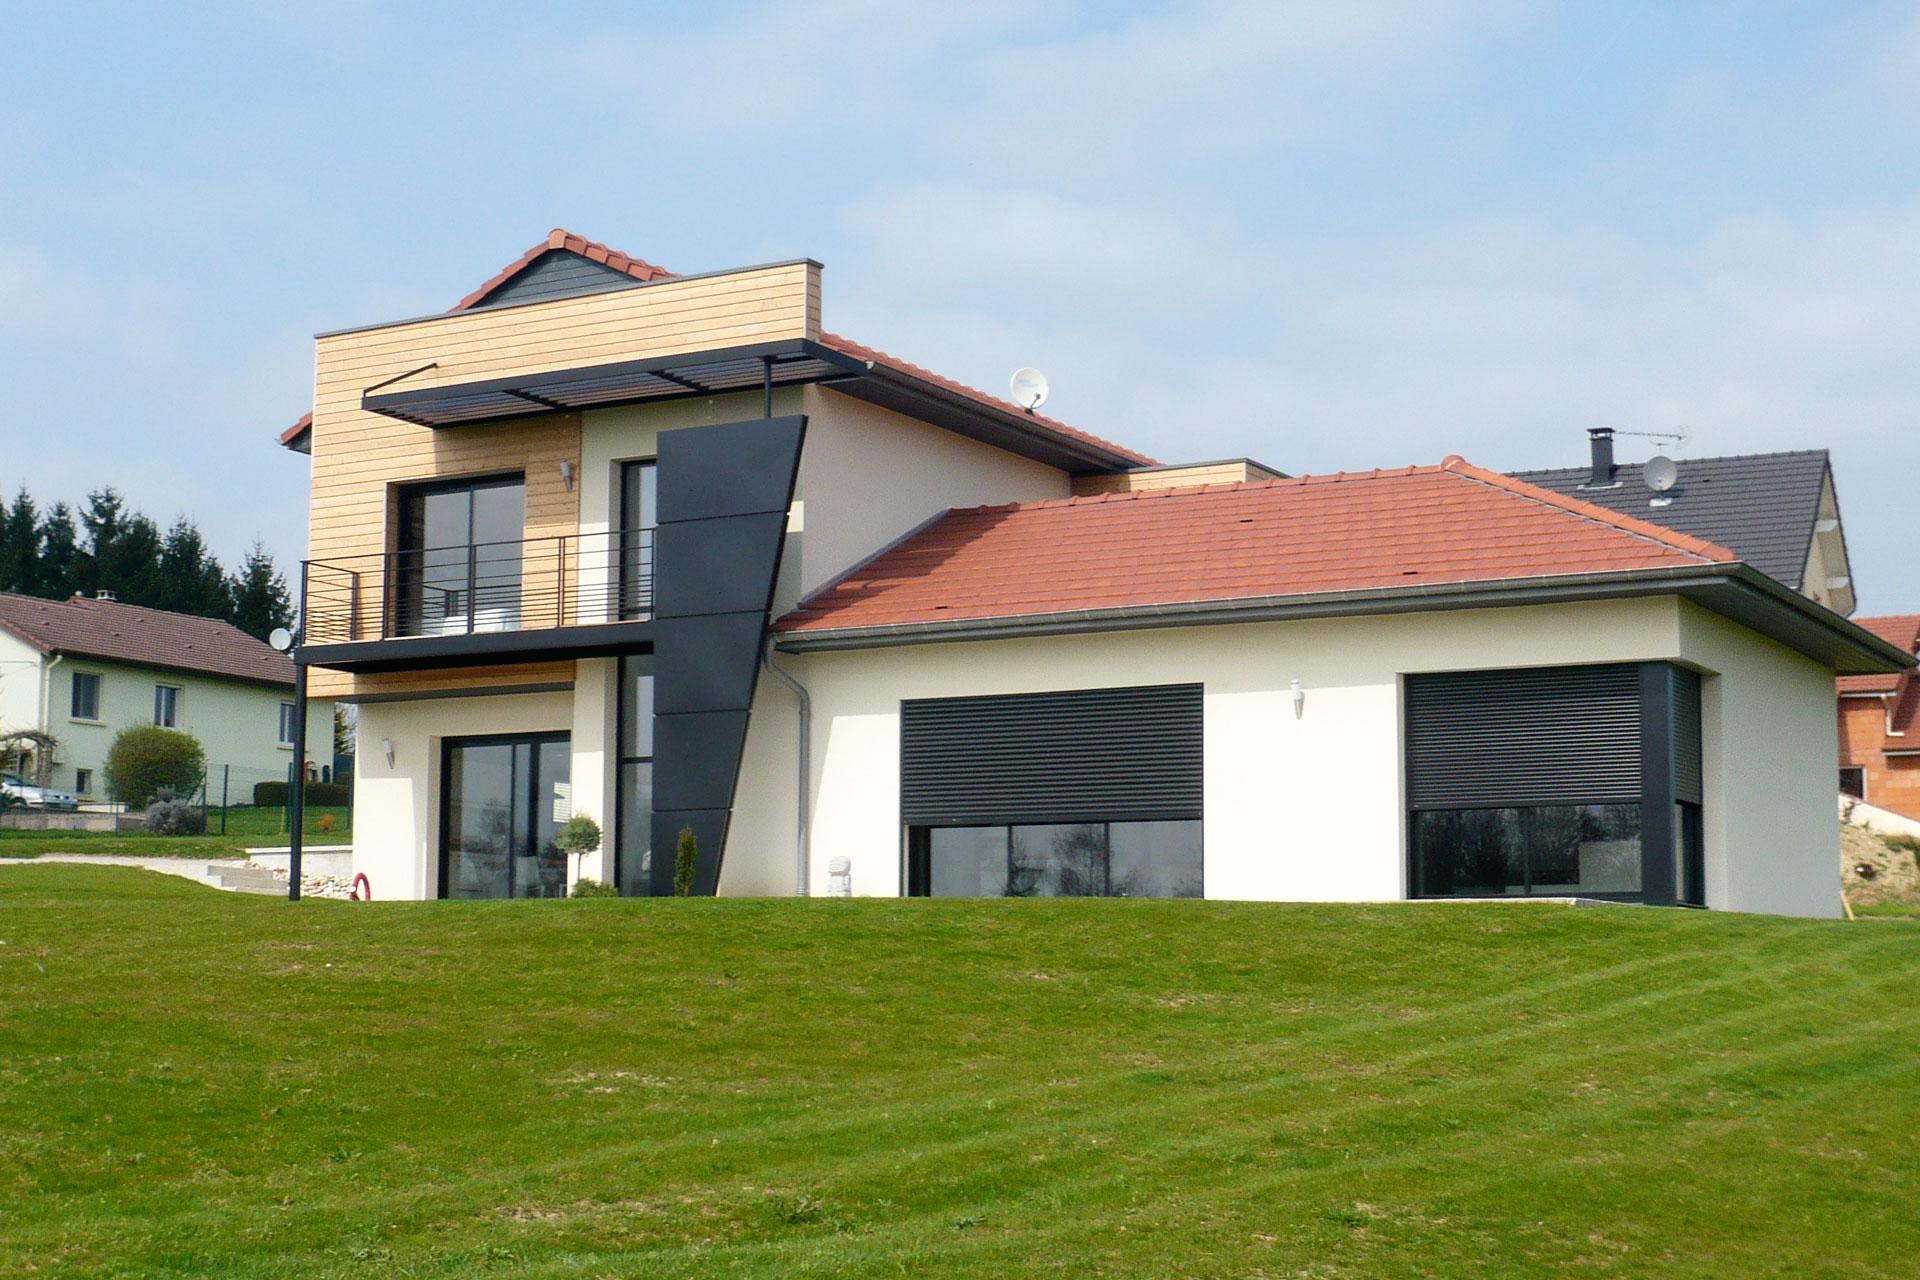 Maison contemporaine 07 16 for Maison moderne 83